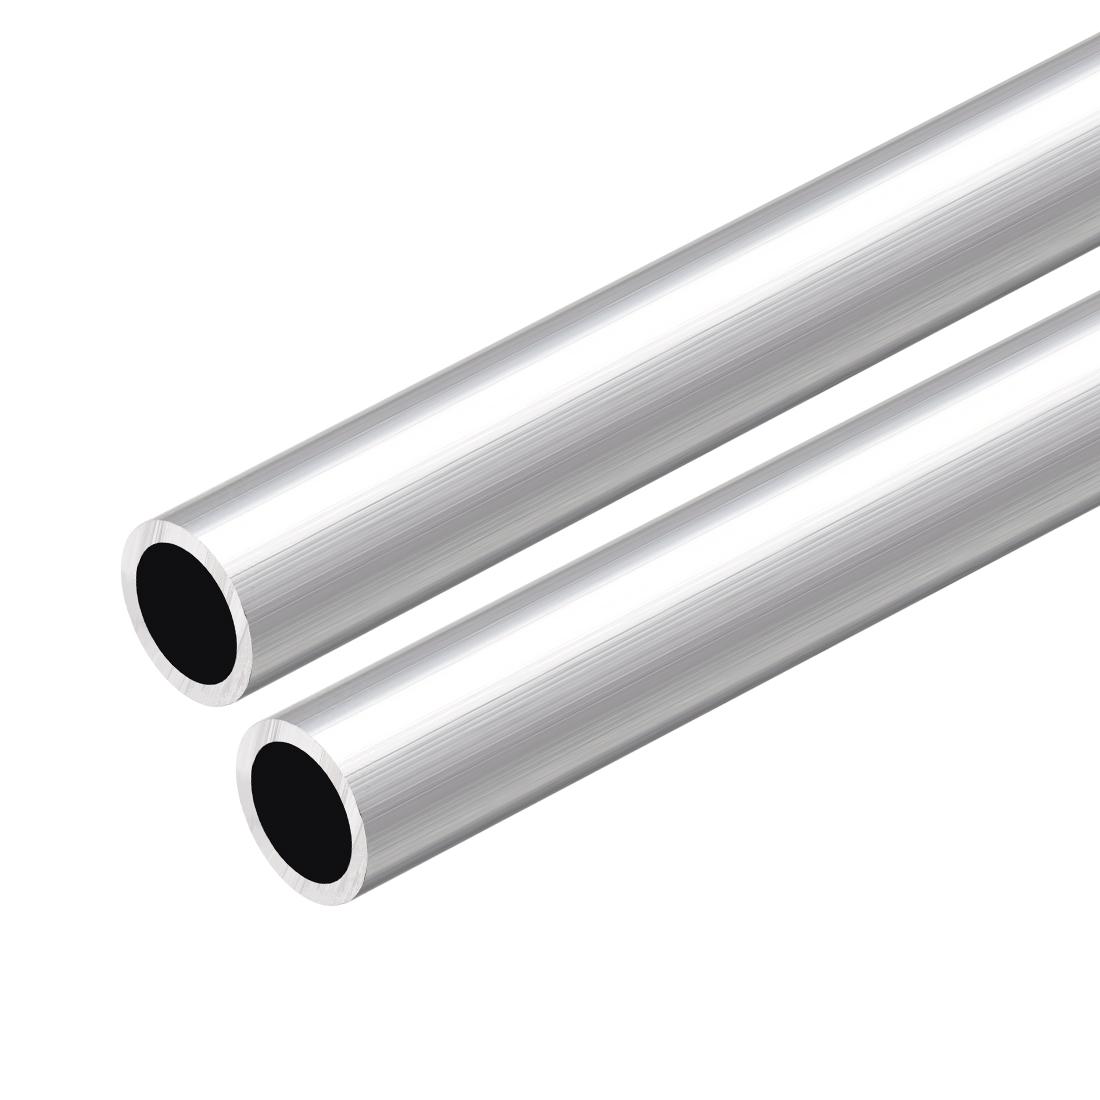 6063 Aluminum Round Tube 300mm Length 14mm OD 10mm Inner Dia Seamless Tube 2 Pcs